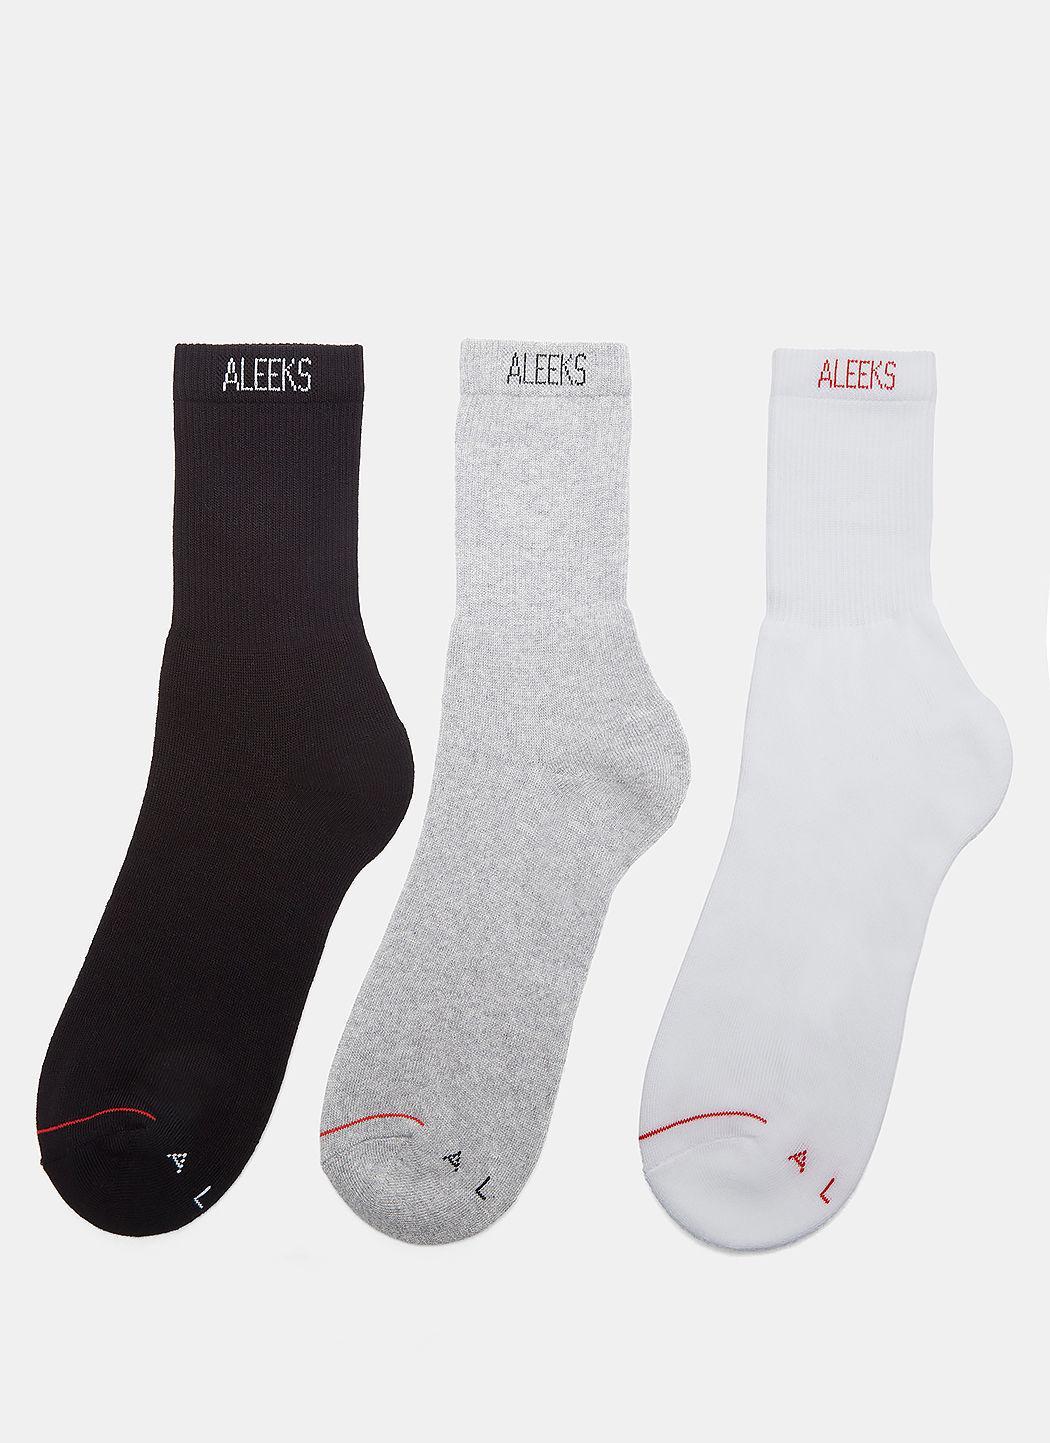 Alyx Aleeks Ankle Socks Three-Pack In Black